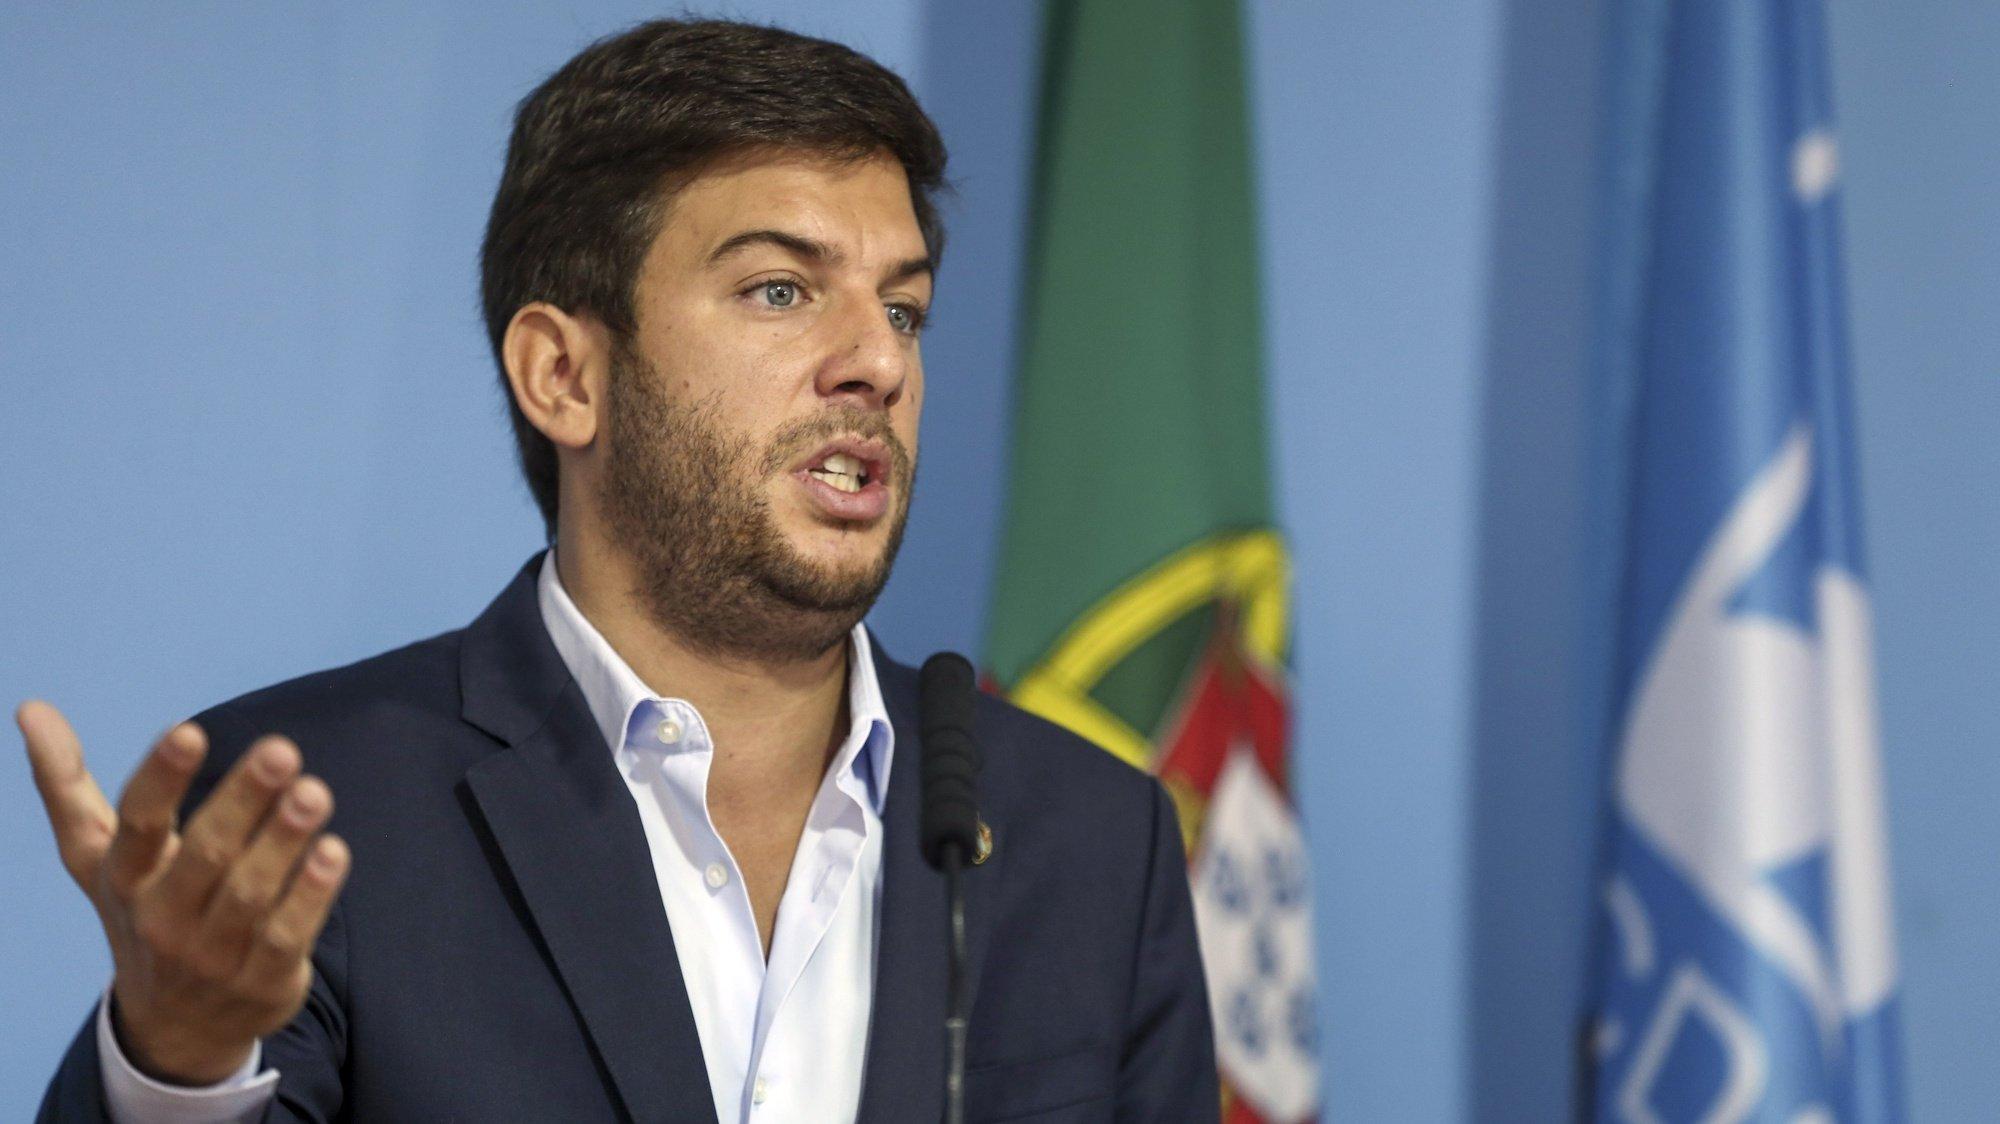 O presidente do CDS-PP, Francisco Rodrigues dos Santos, em conferência de imprensa anuncia o voto contra o Orçamento do Estado para 2022, na sede do partido, em Lisboa, 14 de outubro de 2021.   MANUEL DE ALMEIDA/LUSA